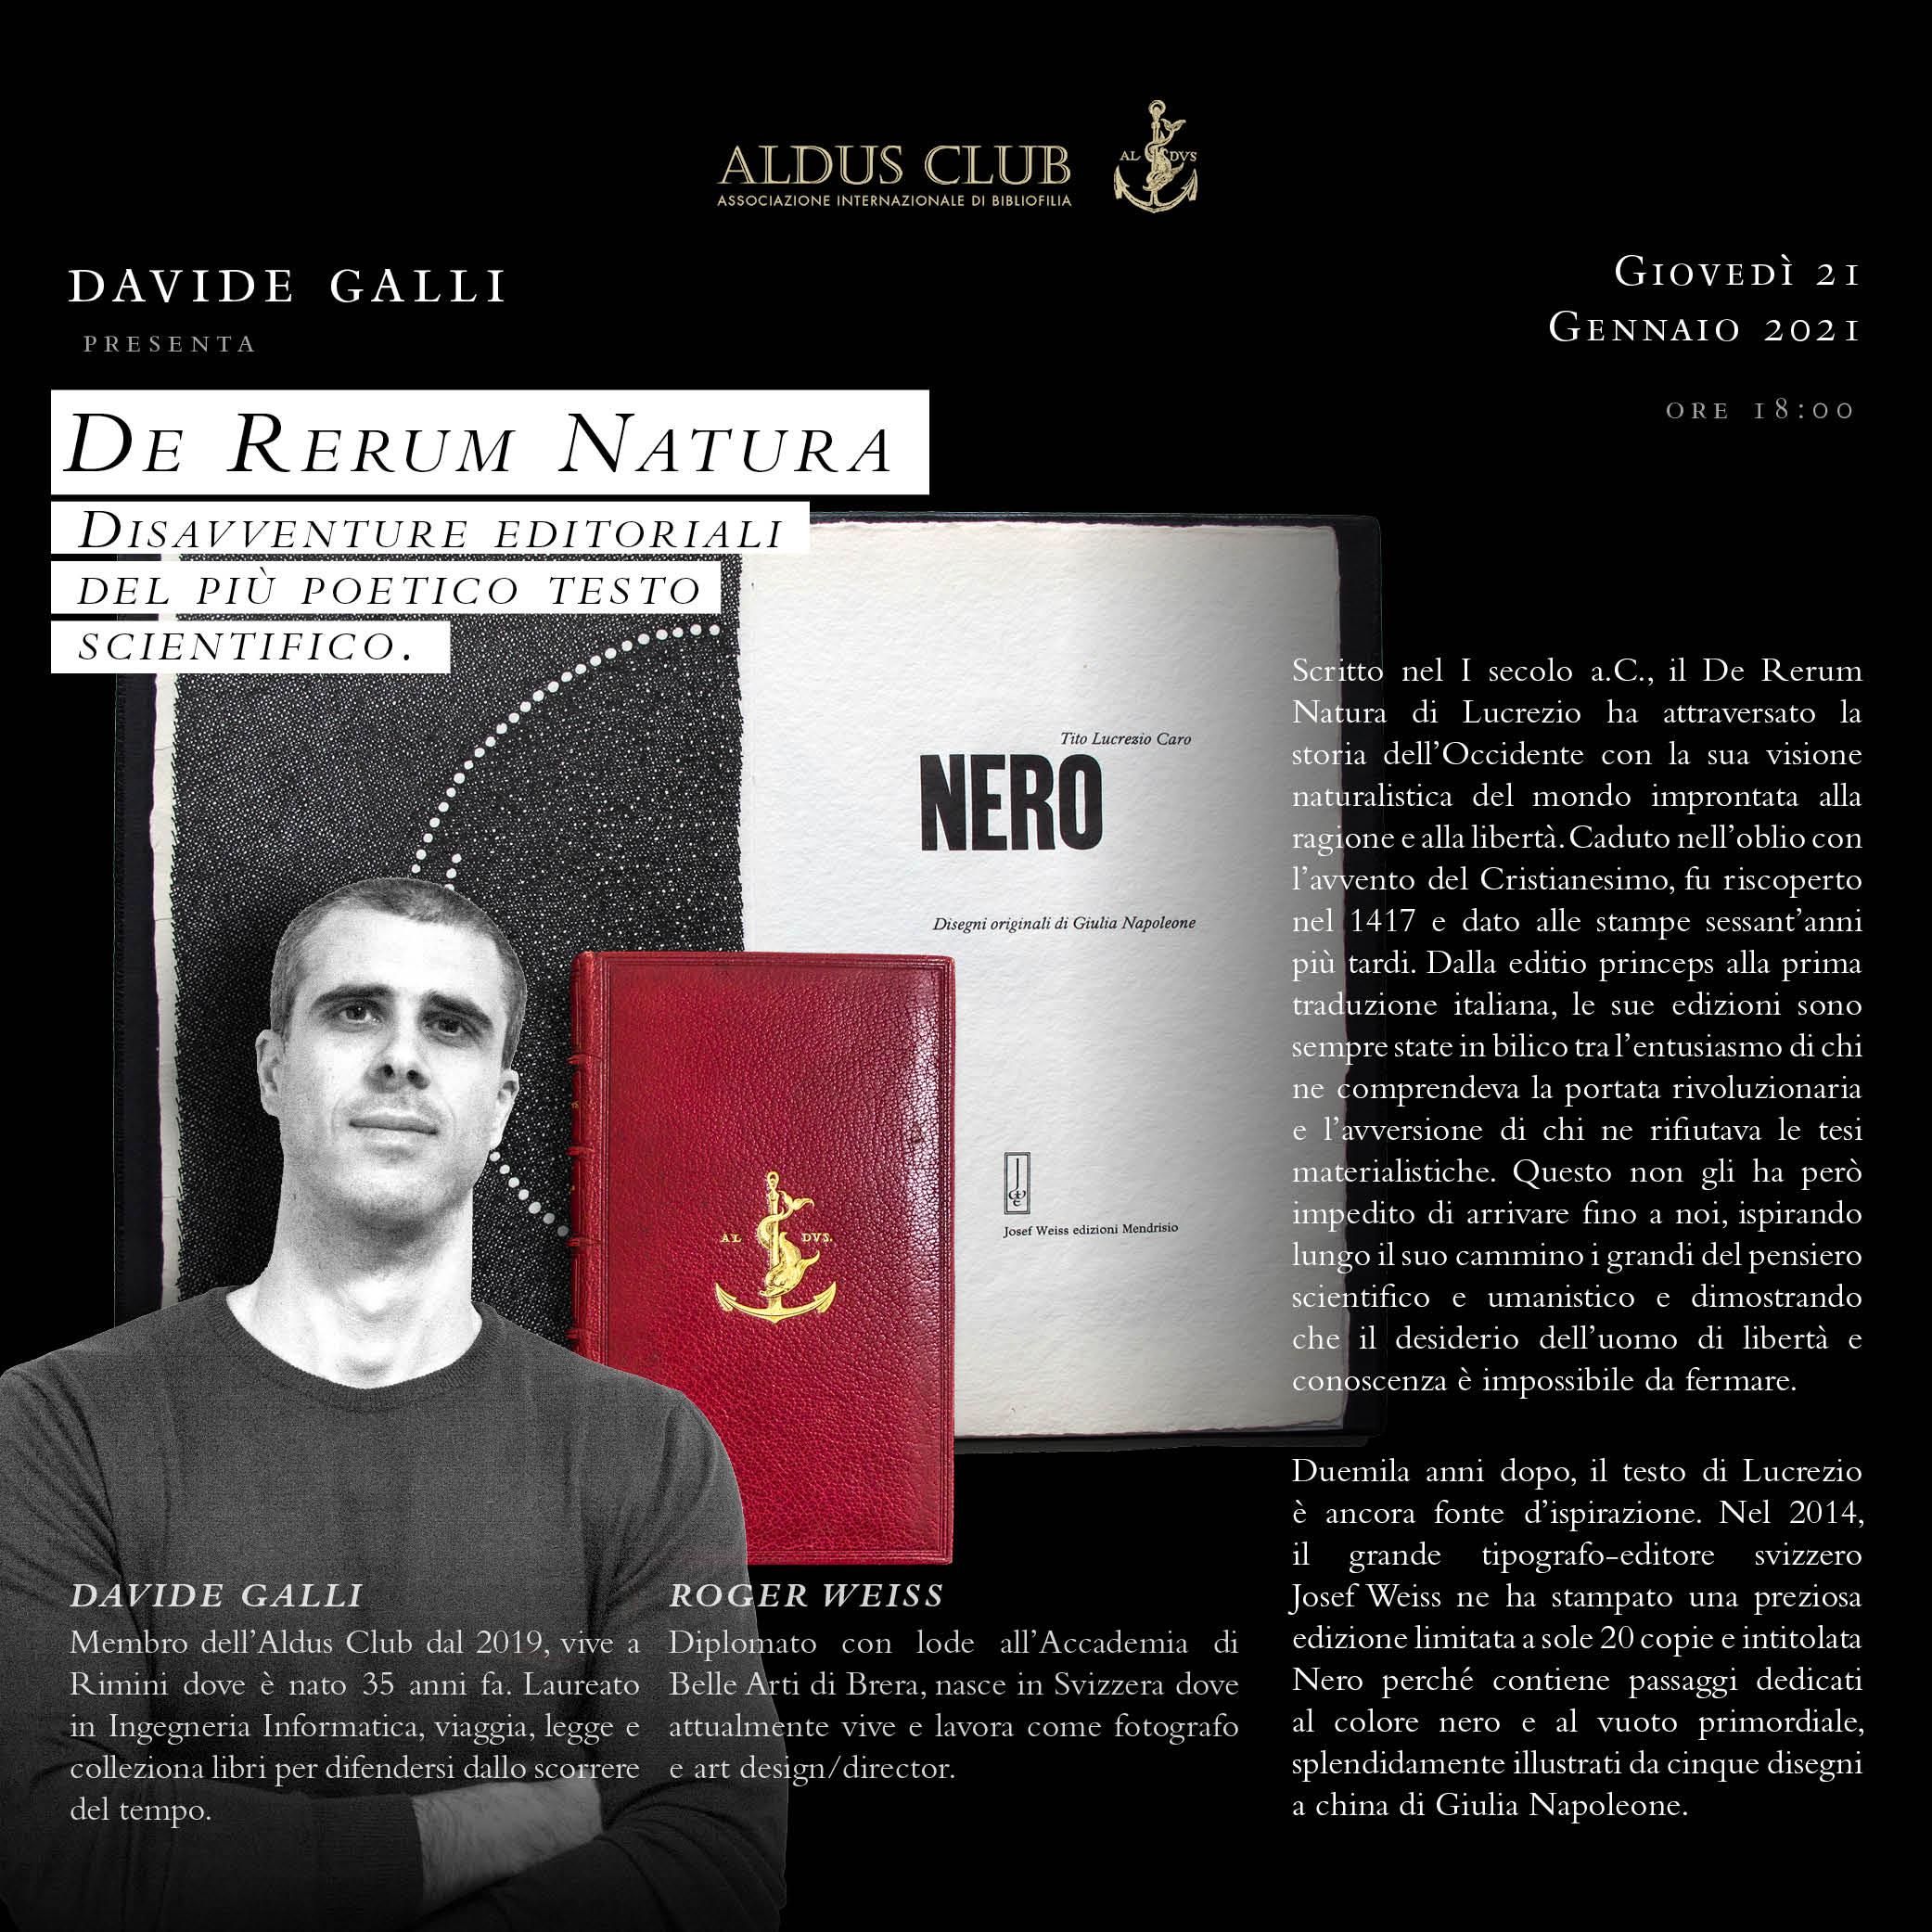 Disavventure editoriali del De Rerum Natura (Con un'appendice sul colore nero)